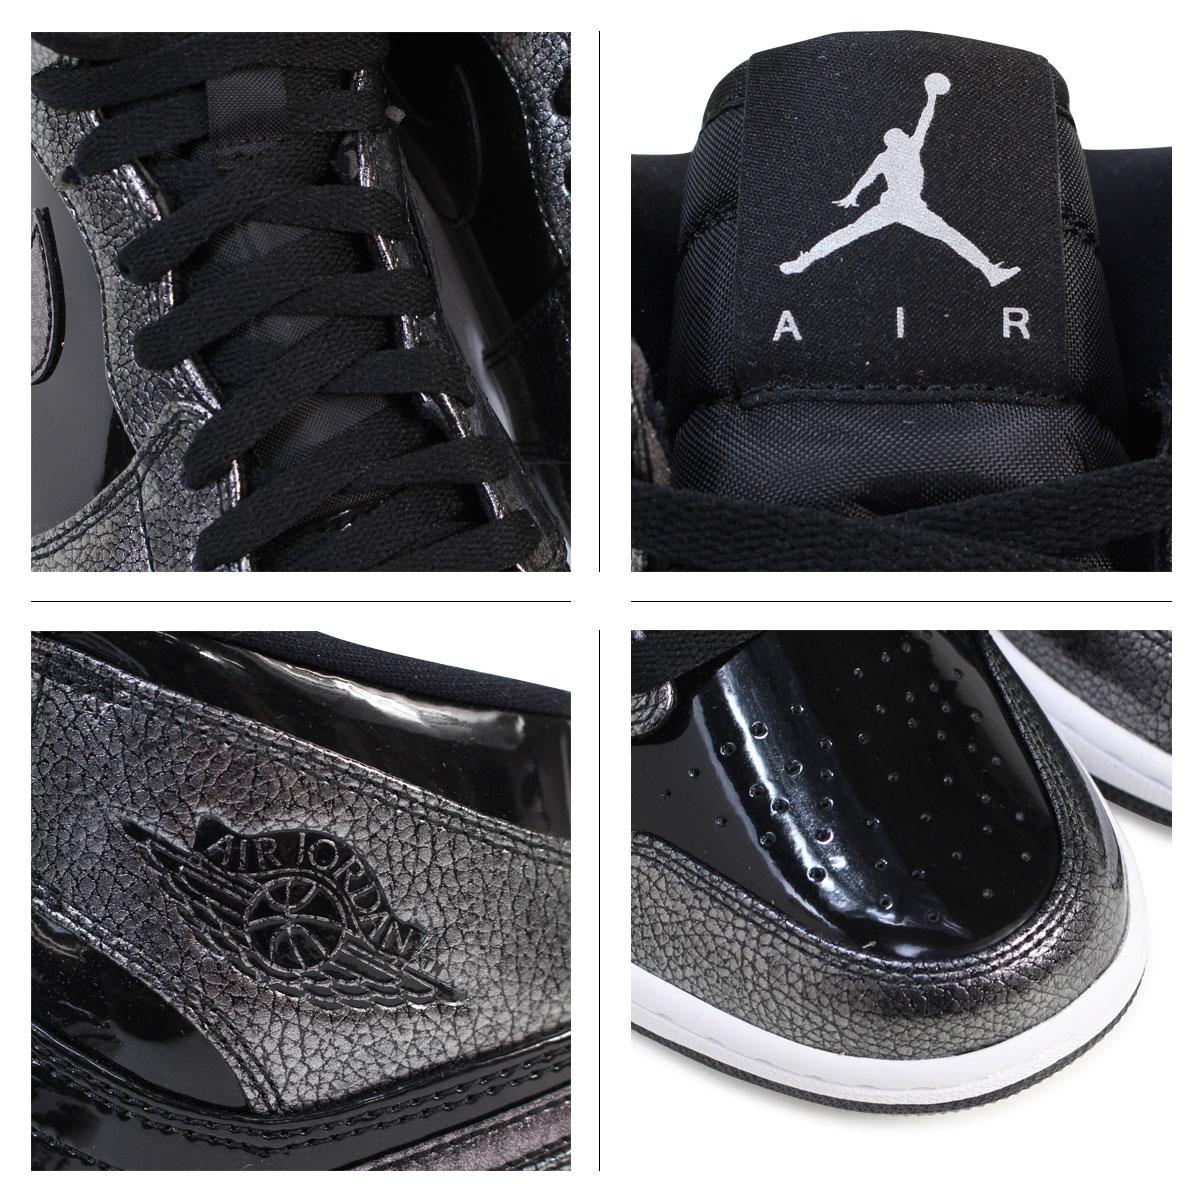 Nike NIKE Air Jordan men sneakers AIR JORDAN 1 RETRO HIGH 332,550-017 shoes black [1/20 Shinnyu load]